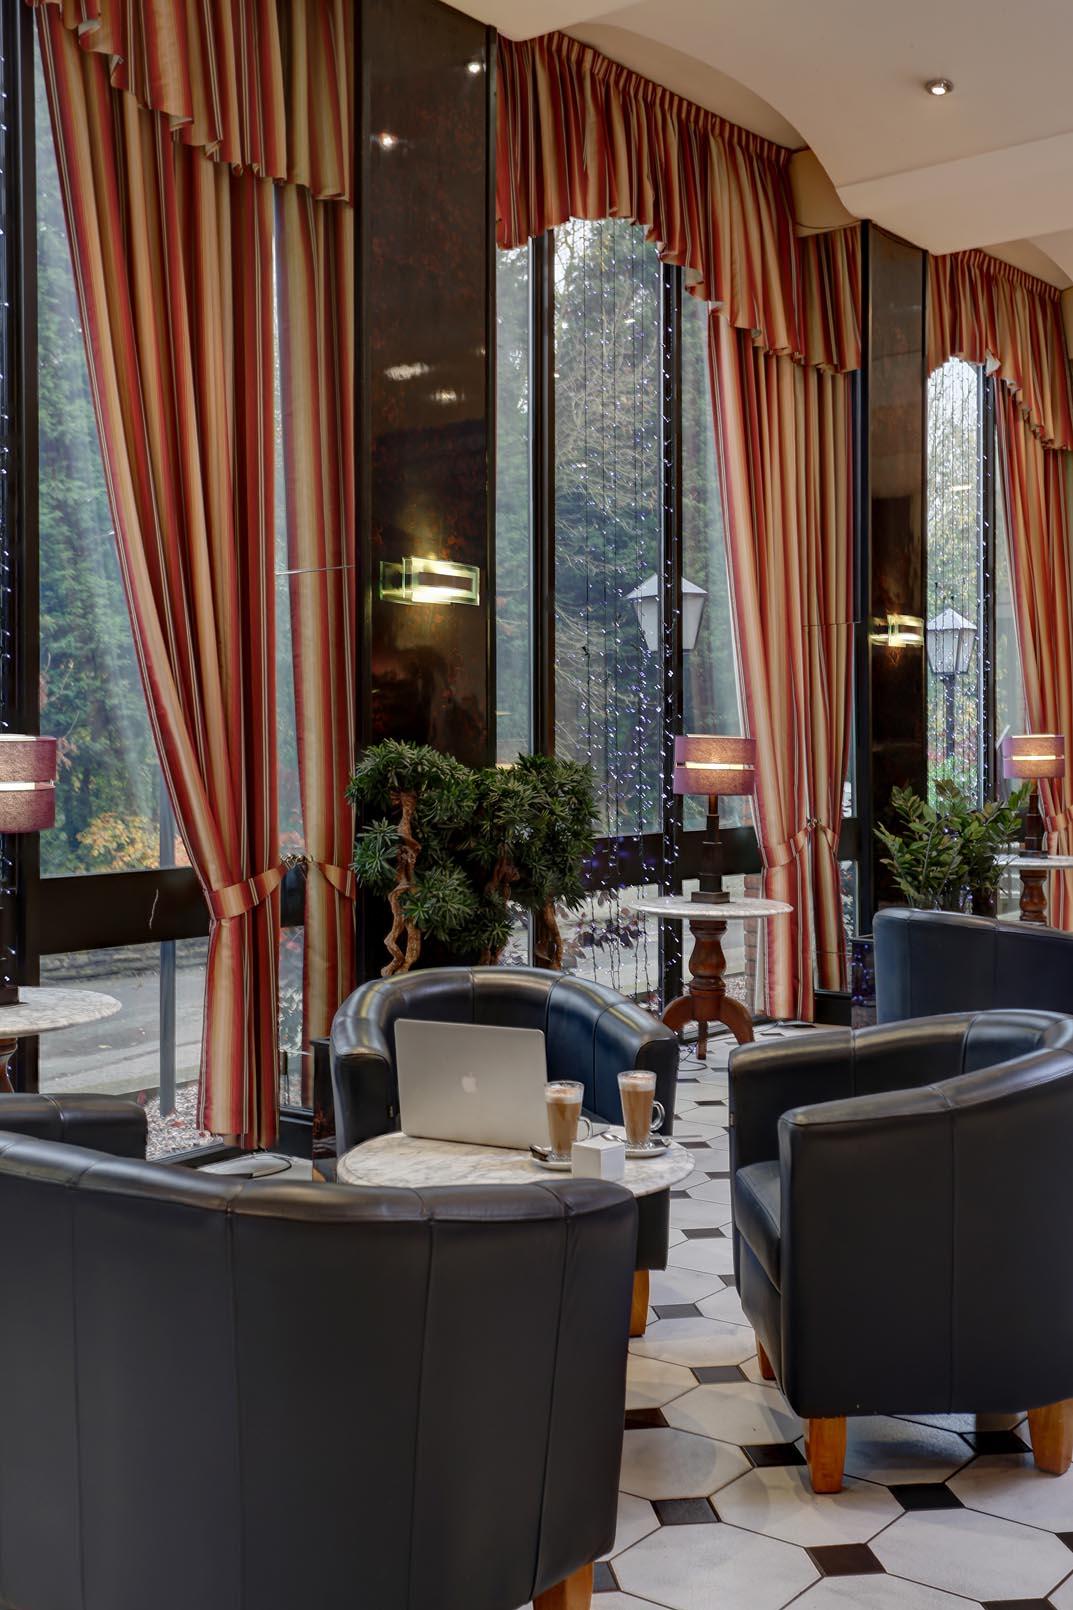 Best Western Hotel Room: Best Western Preston Chorley West Park Hall Hotel